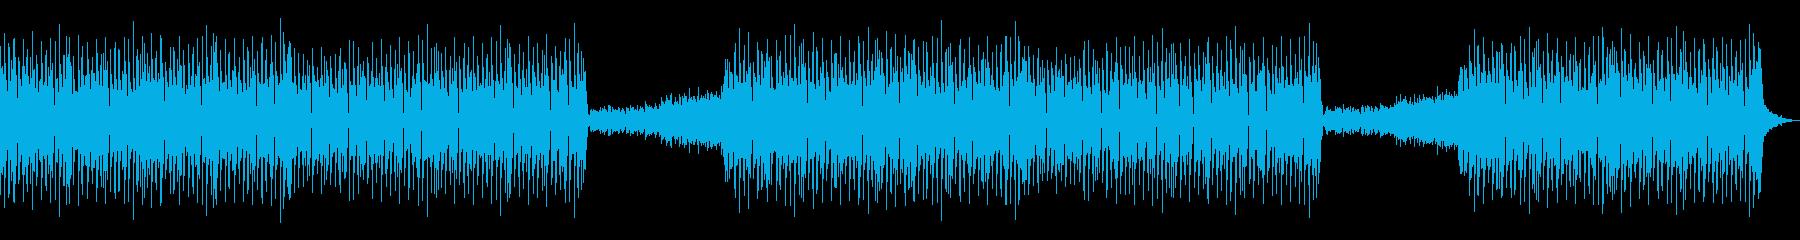 メロディーなしの再生済みの波形